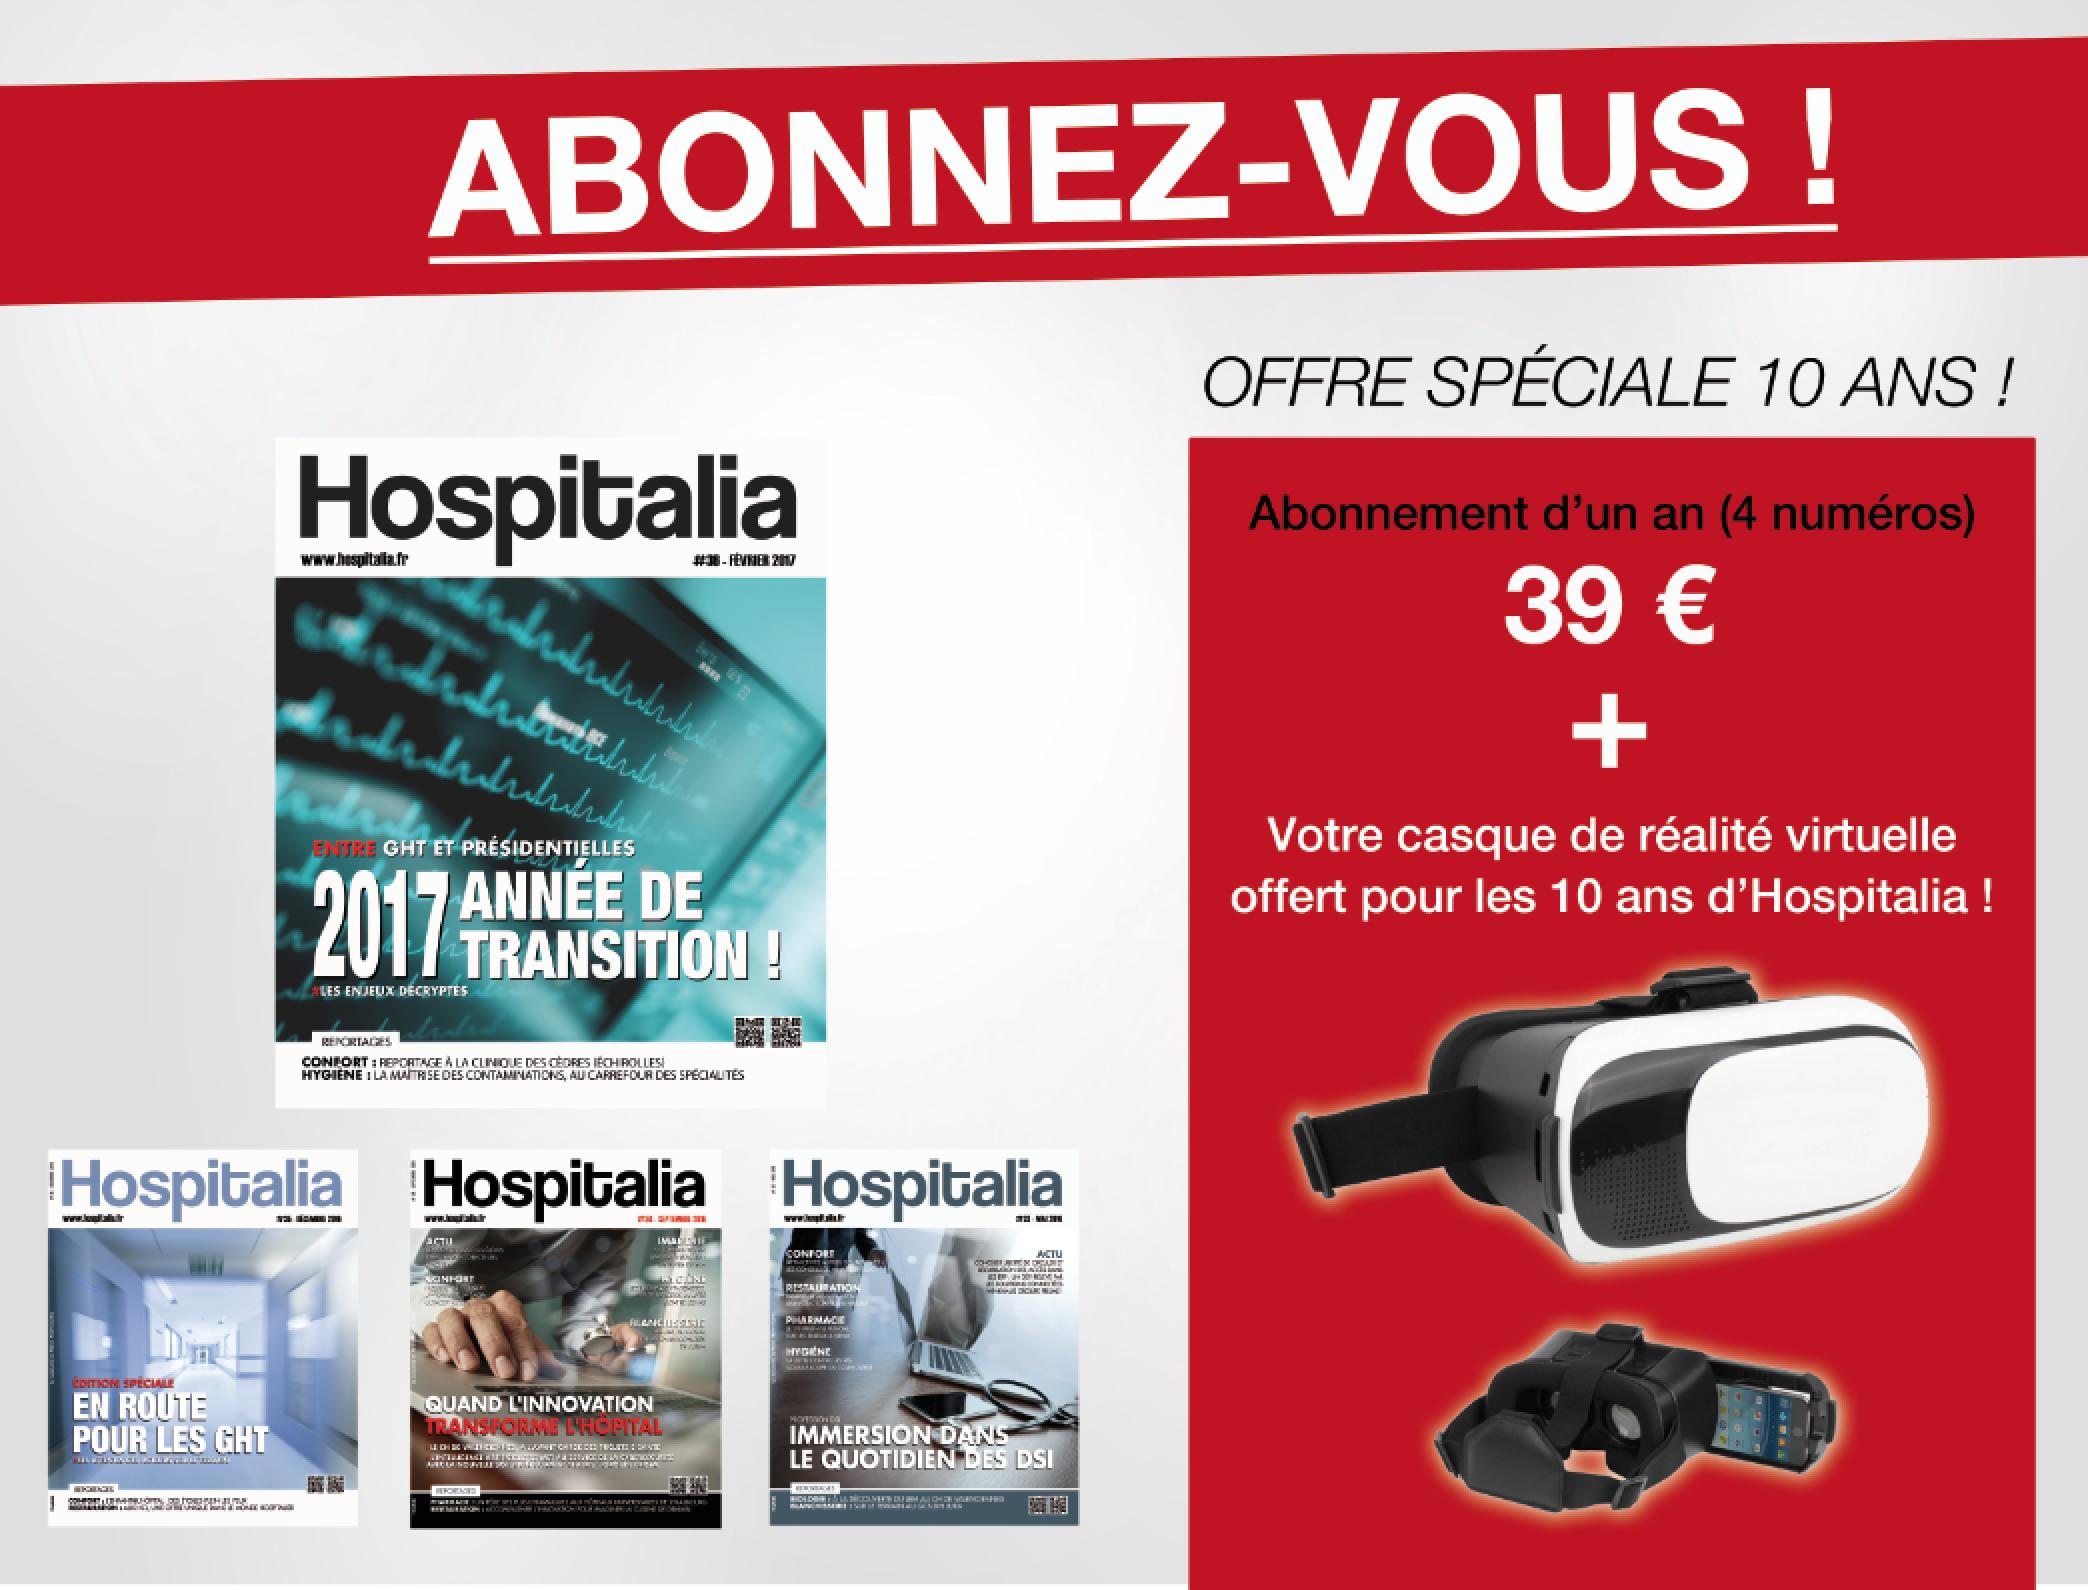 Abonnez-vous ! Offre spéciale 10 ans d'Hospitalia